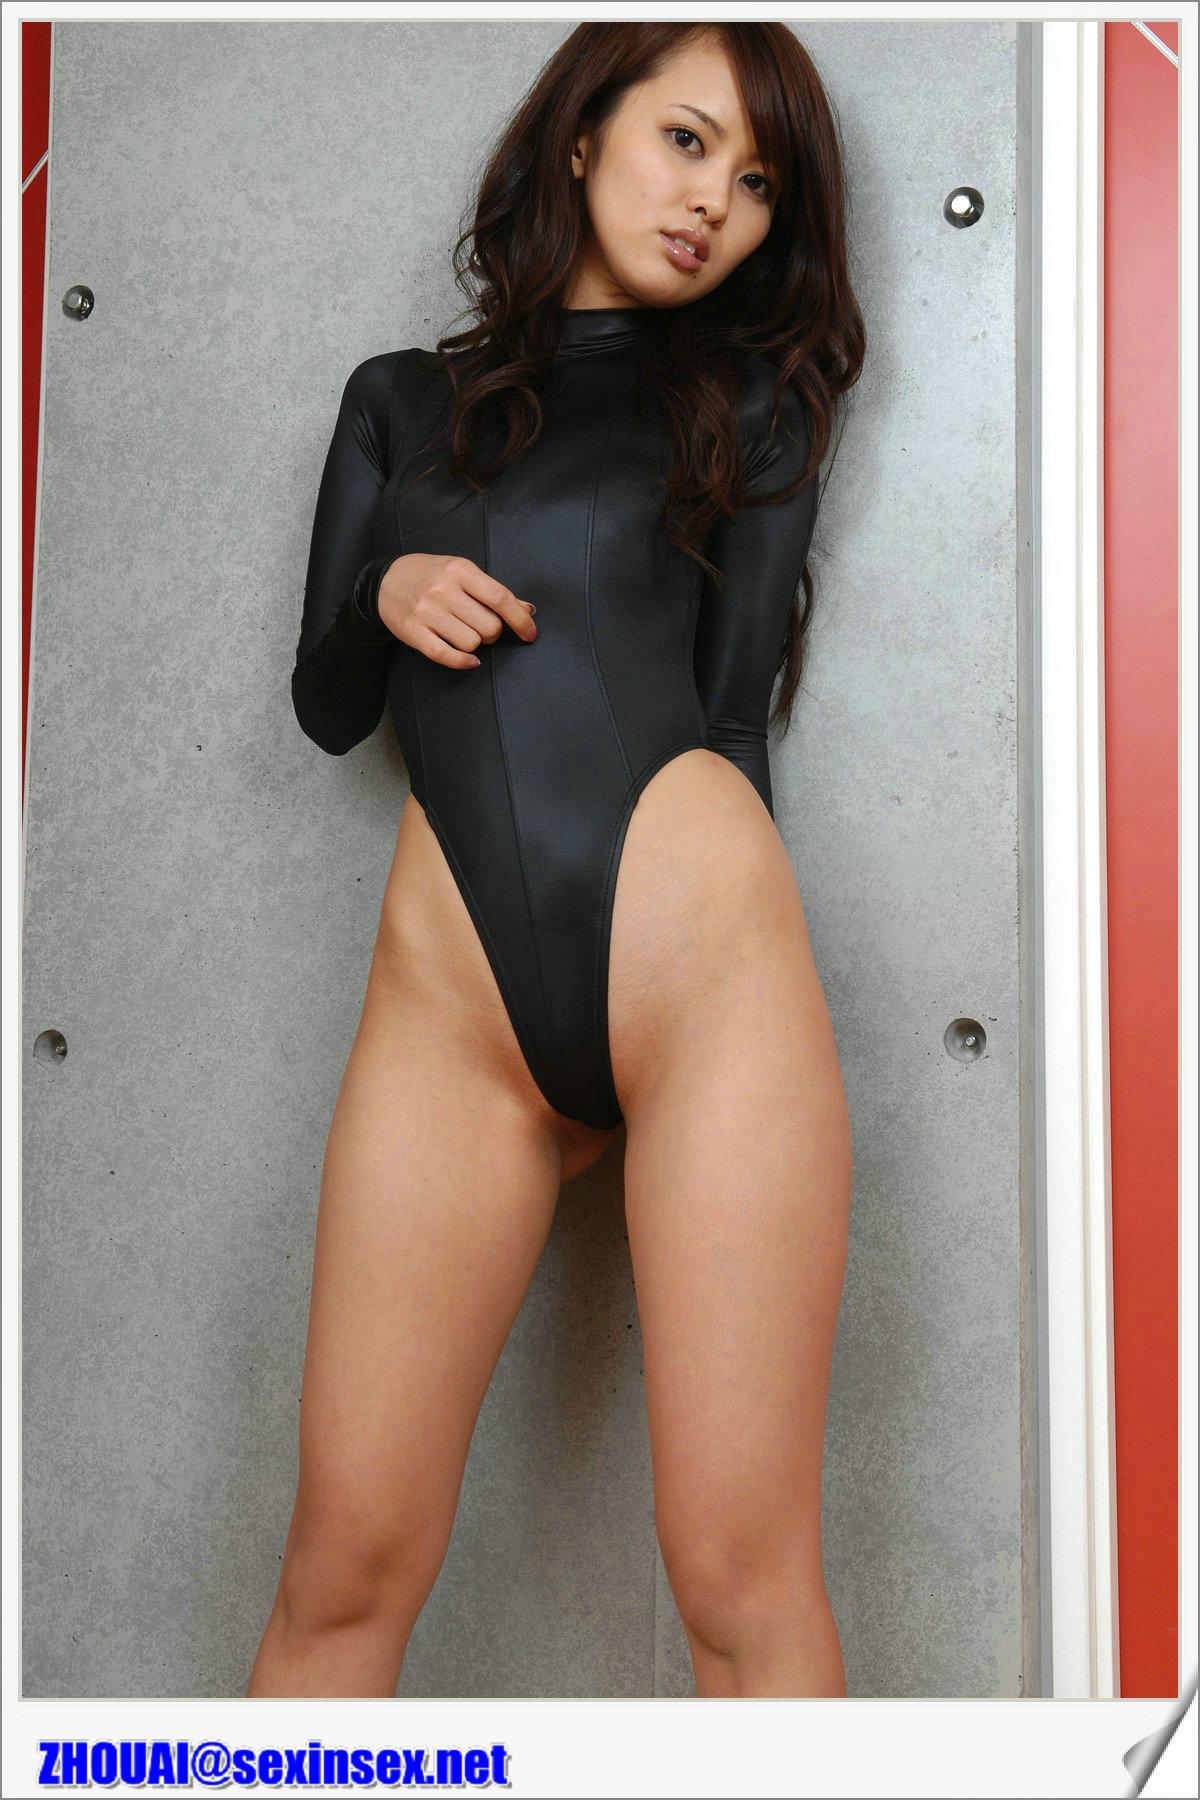 Раздвинула ноги японка фото 11 фотография